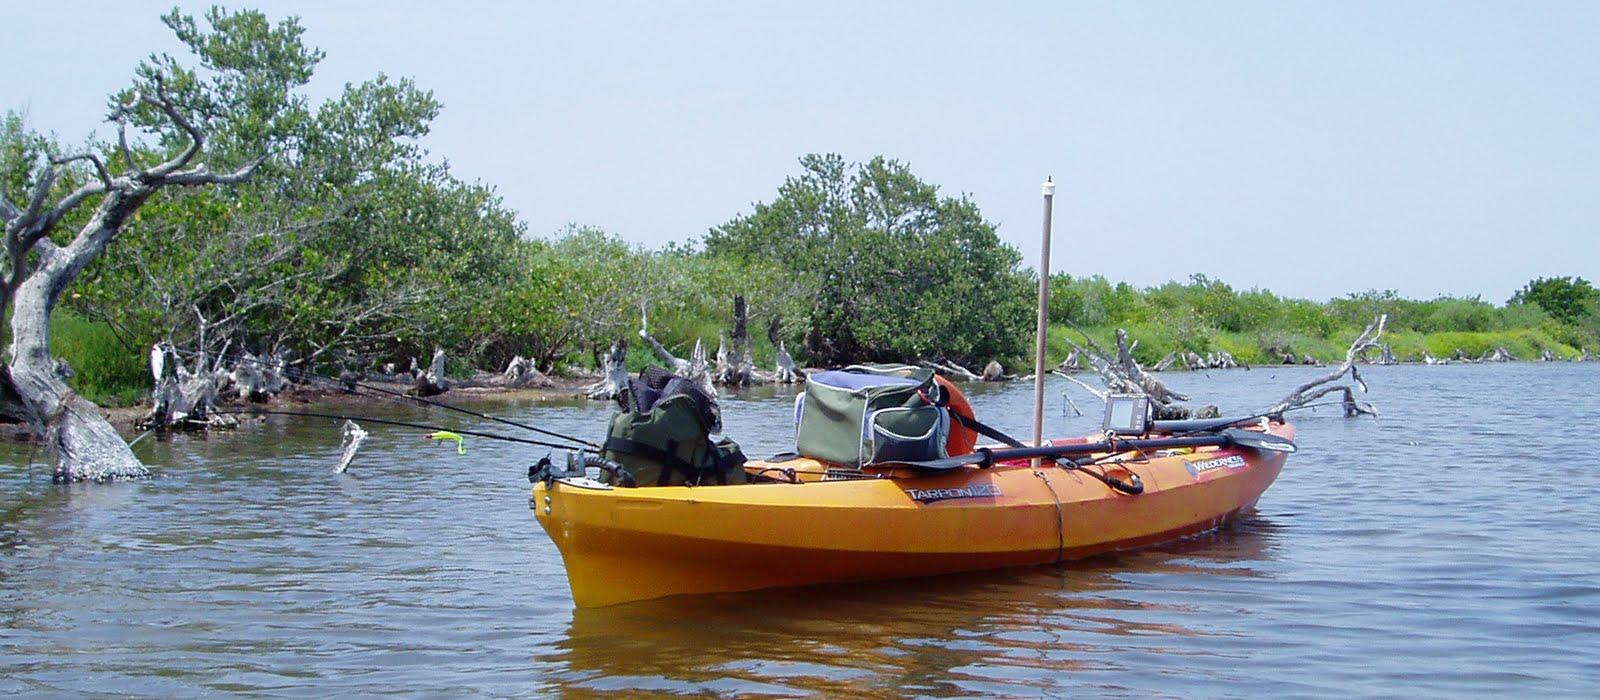 Kayak angling for big fish fishing report 5 14 11 for River fishing kayak